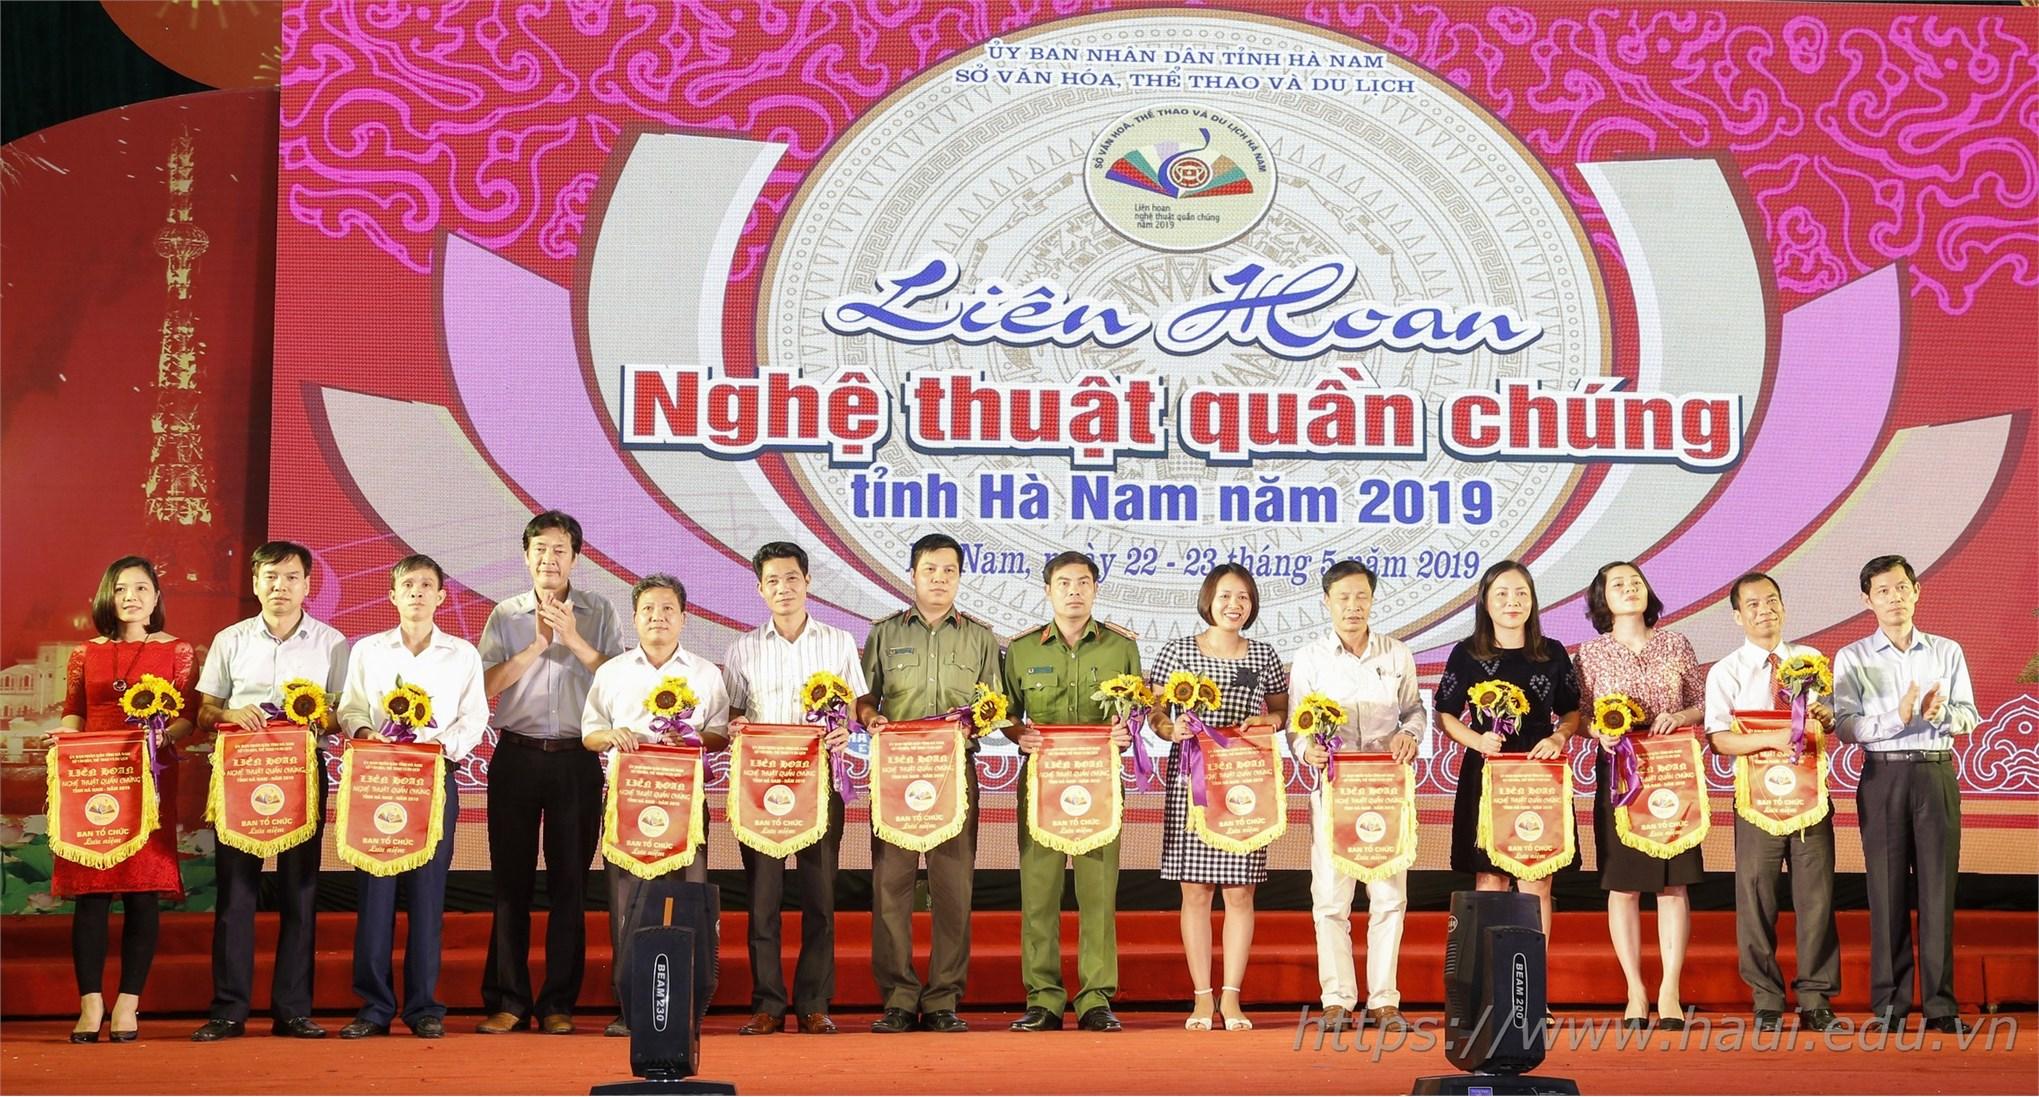 Trường Đại học Công nghiệp Hà Nội tham gia Liên hoan Nghệ thuật Quần chúng tỉnh Hà Nam năm 2019